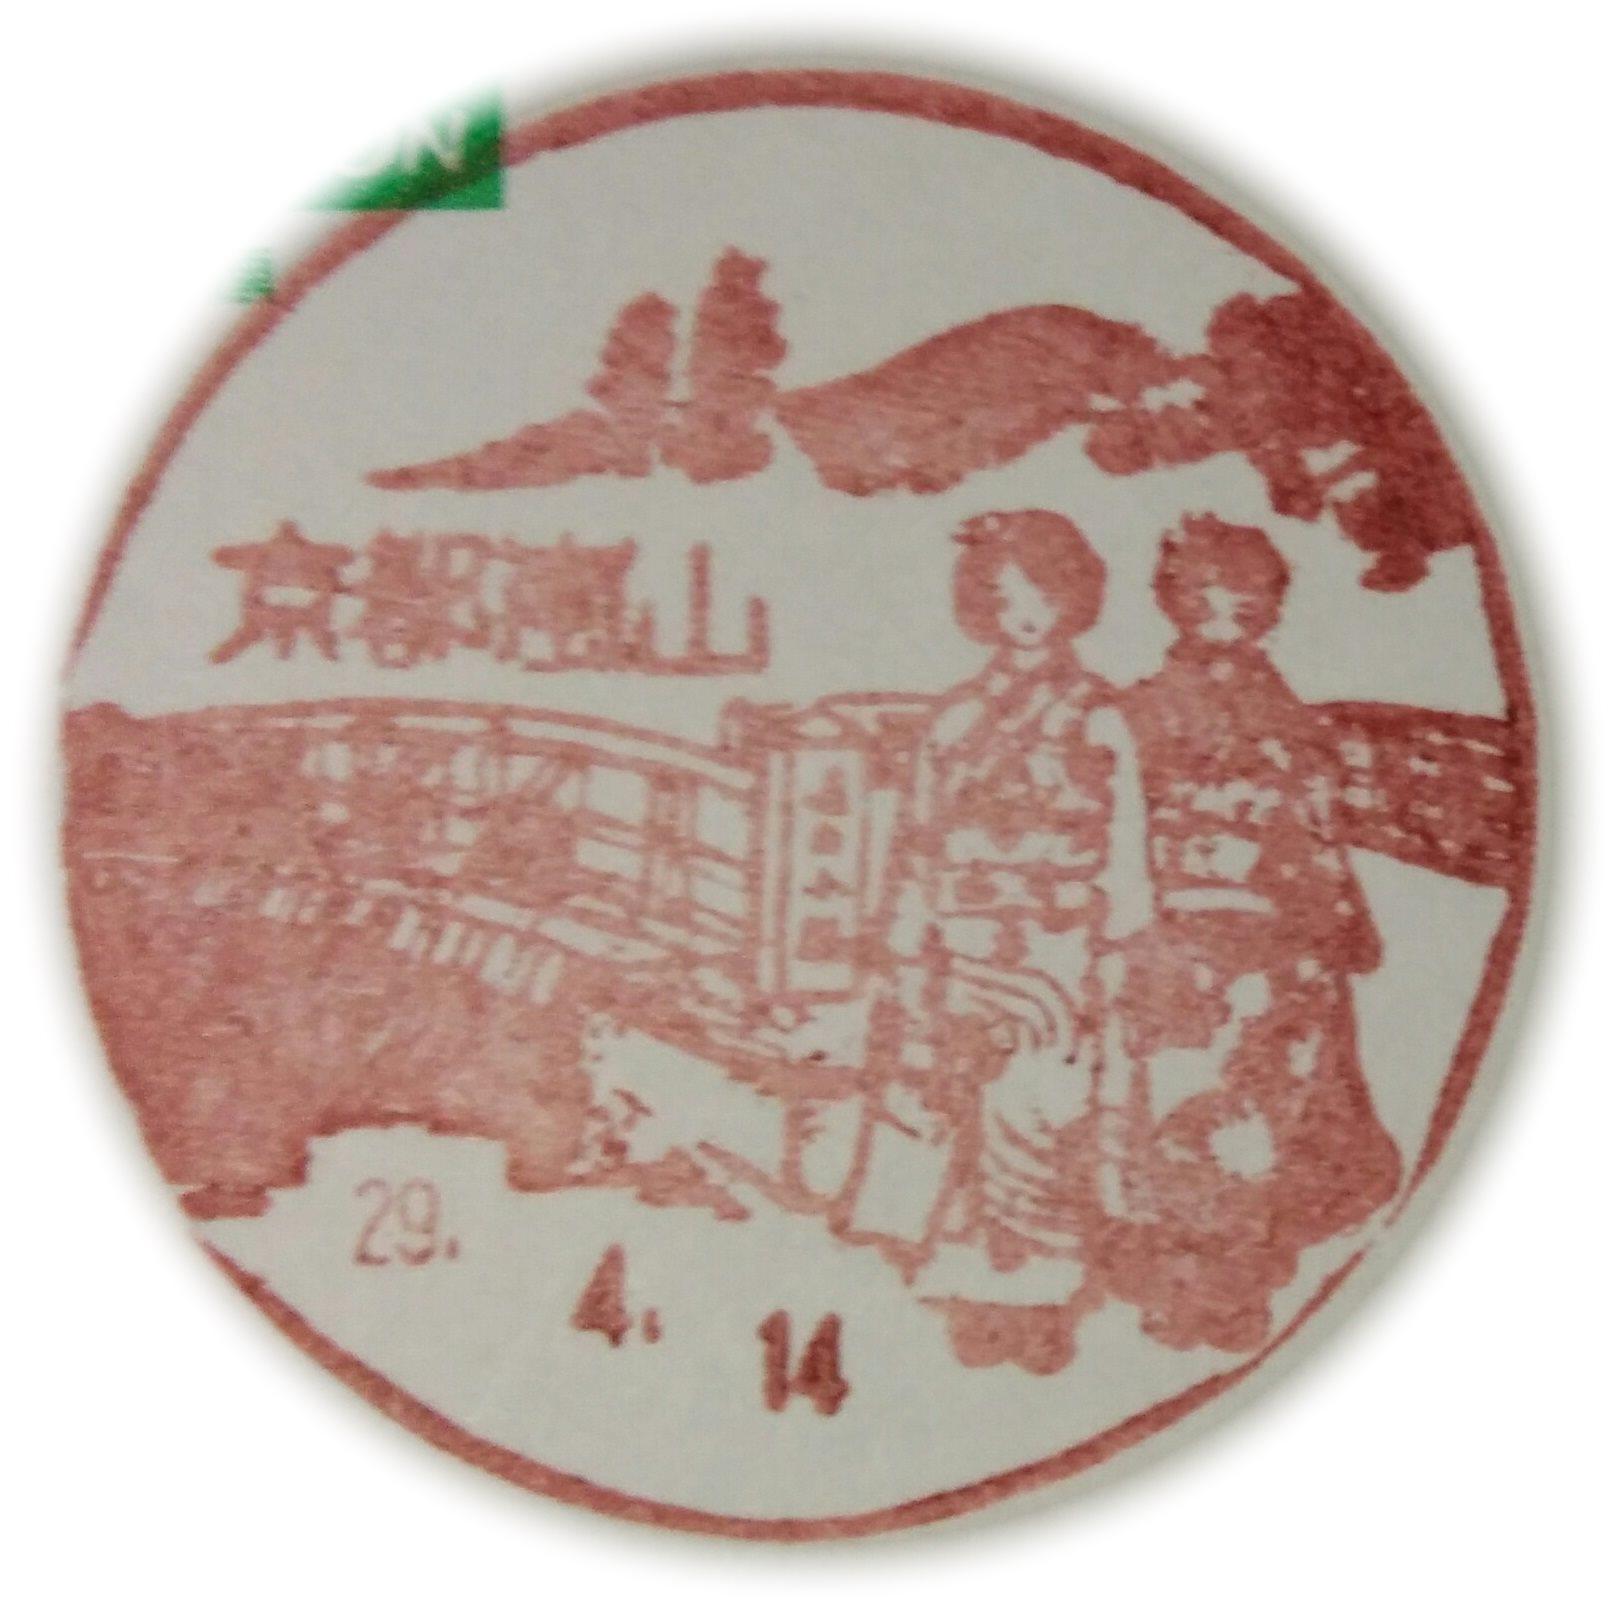 京都 京都嵐山郵便局 風景印 | p...